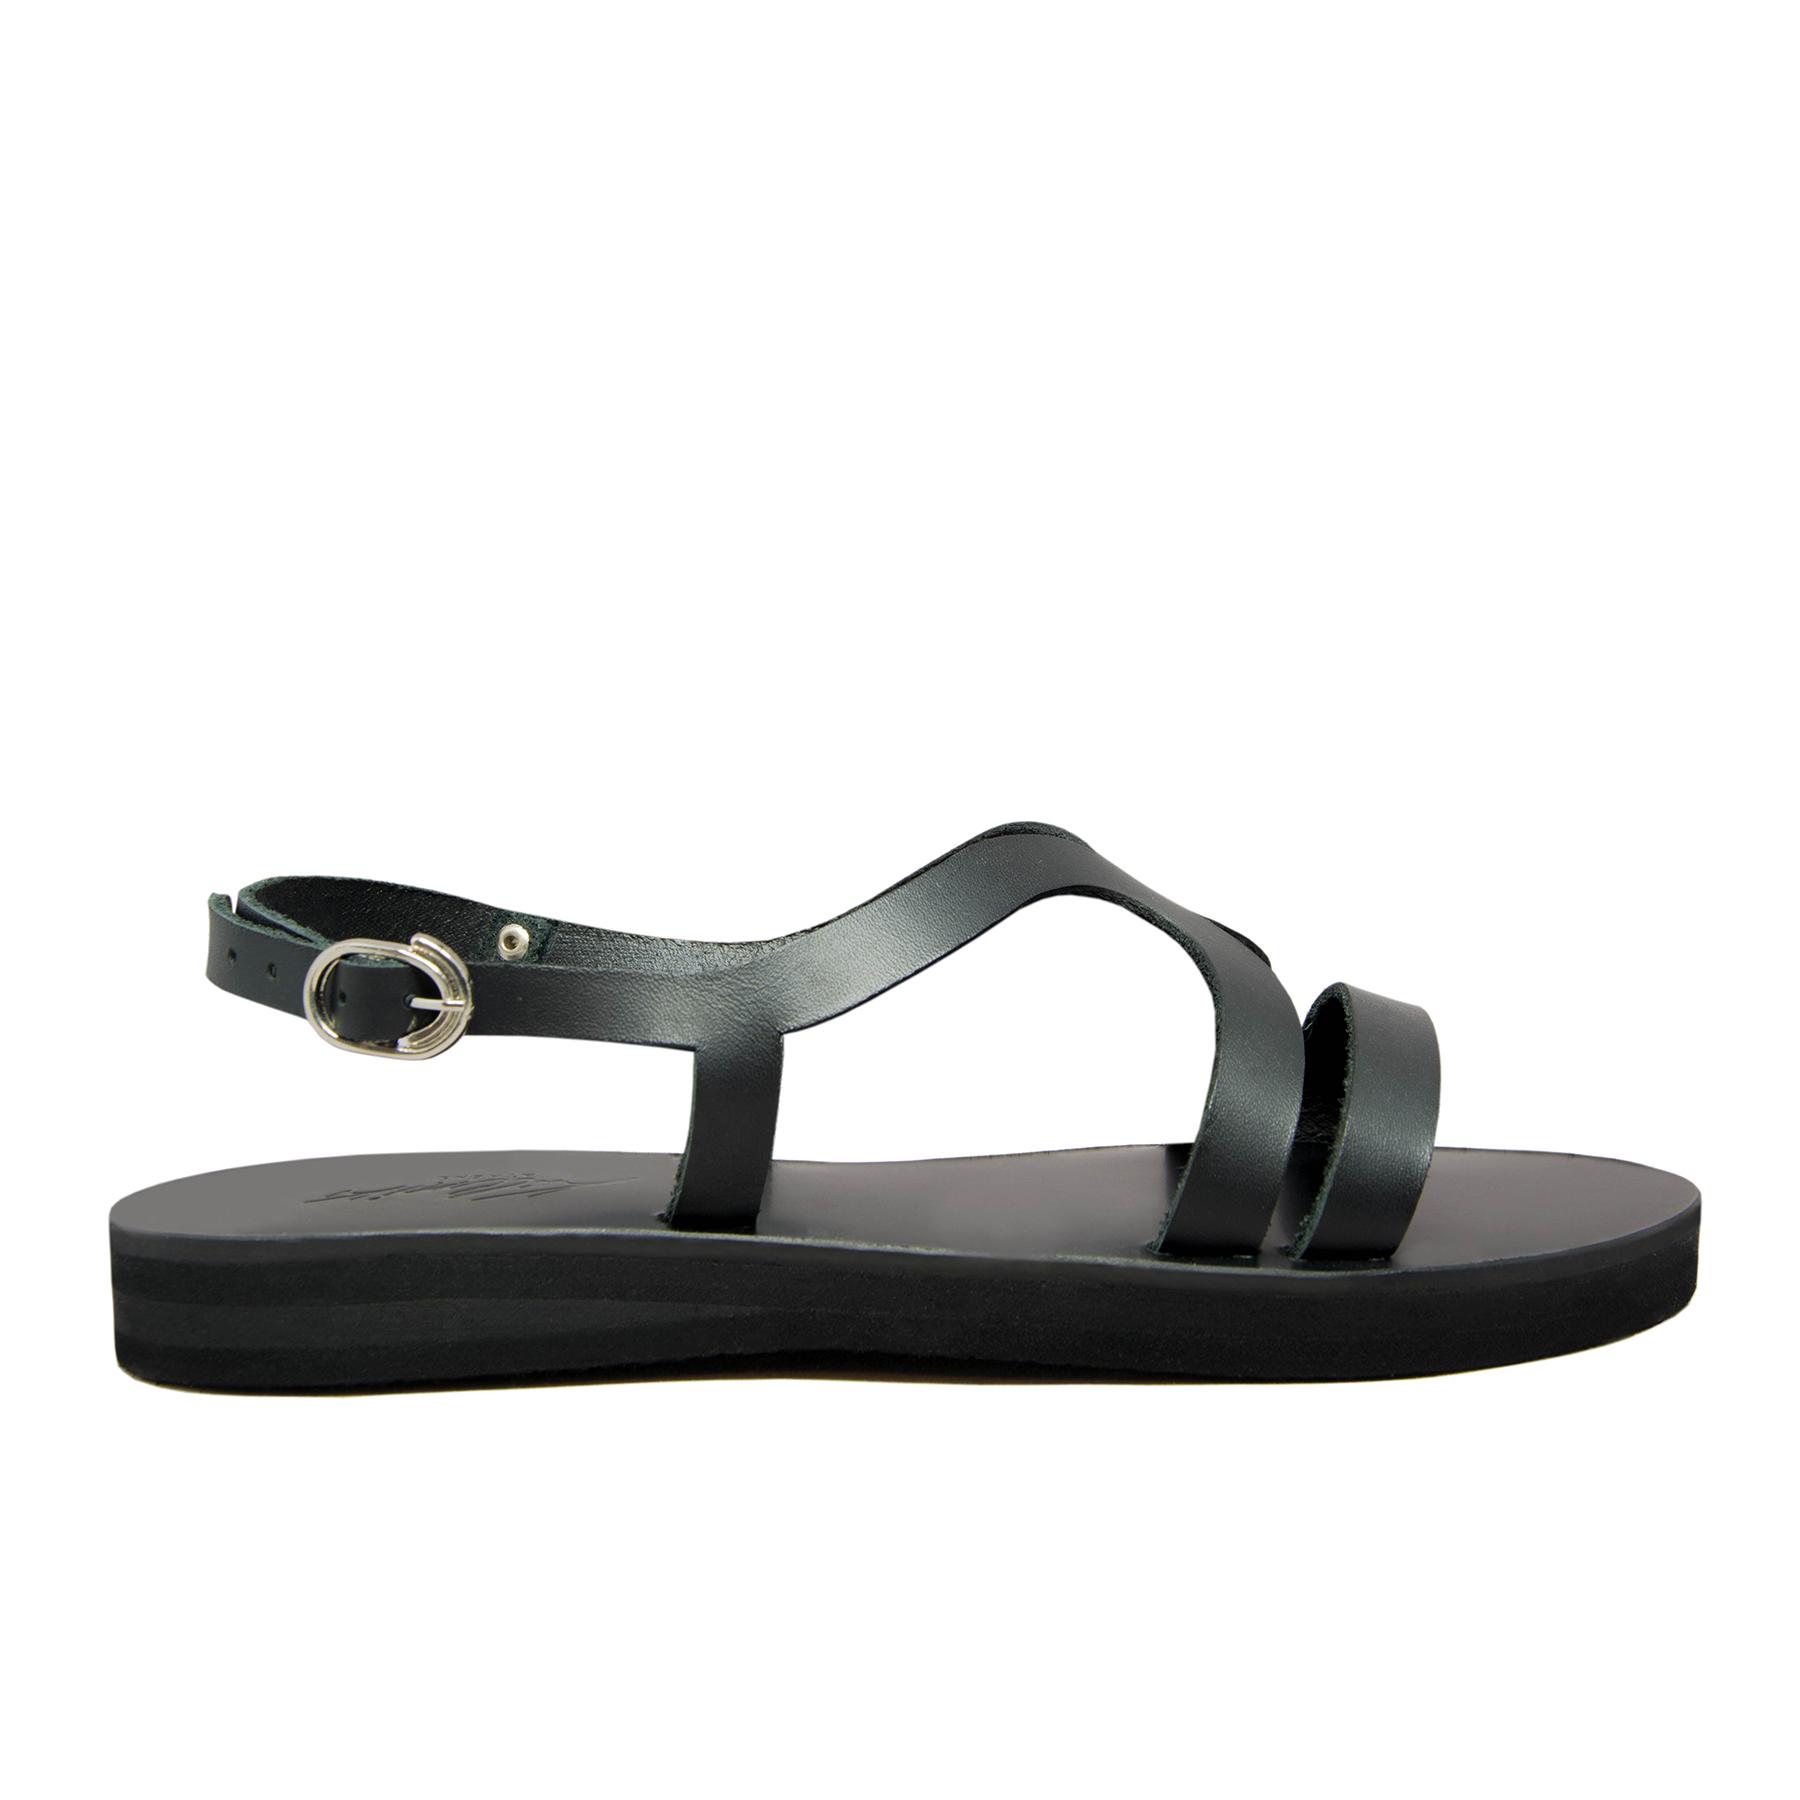 KALLINIKI Kalypso Black Sandals